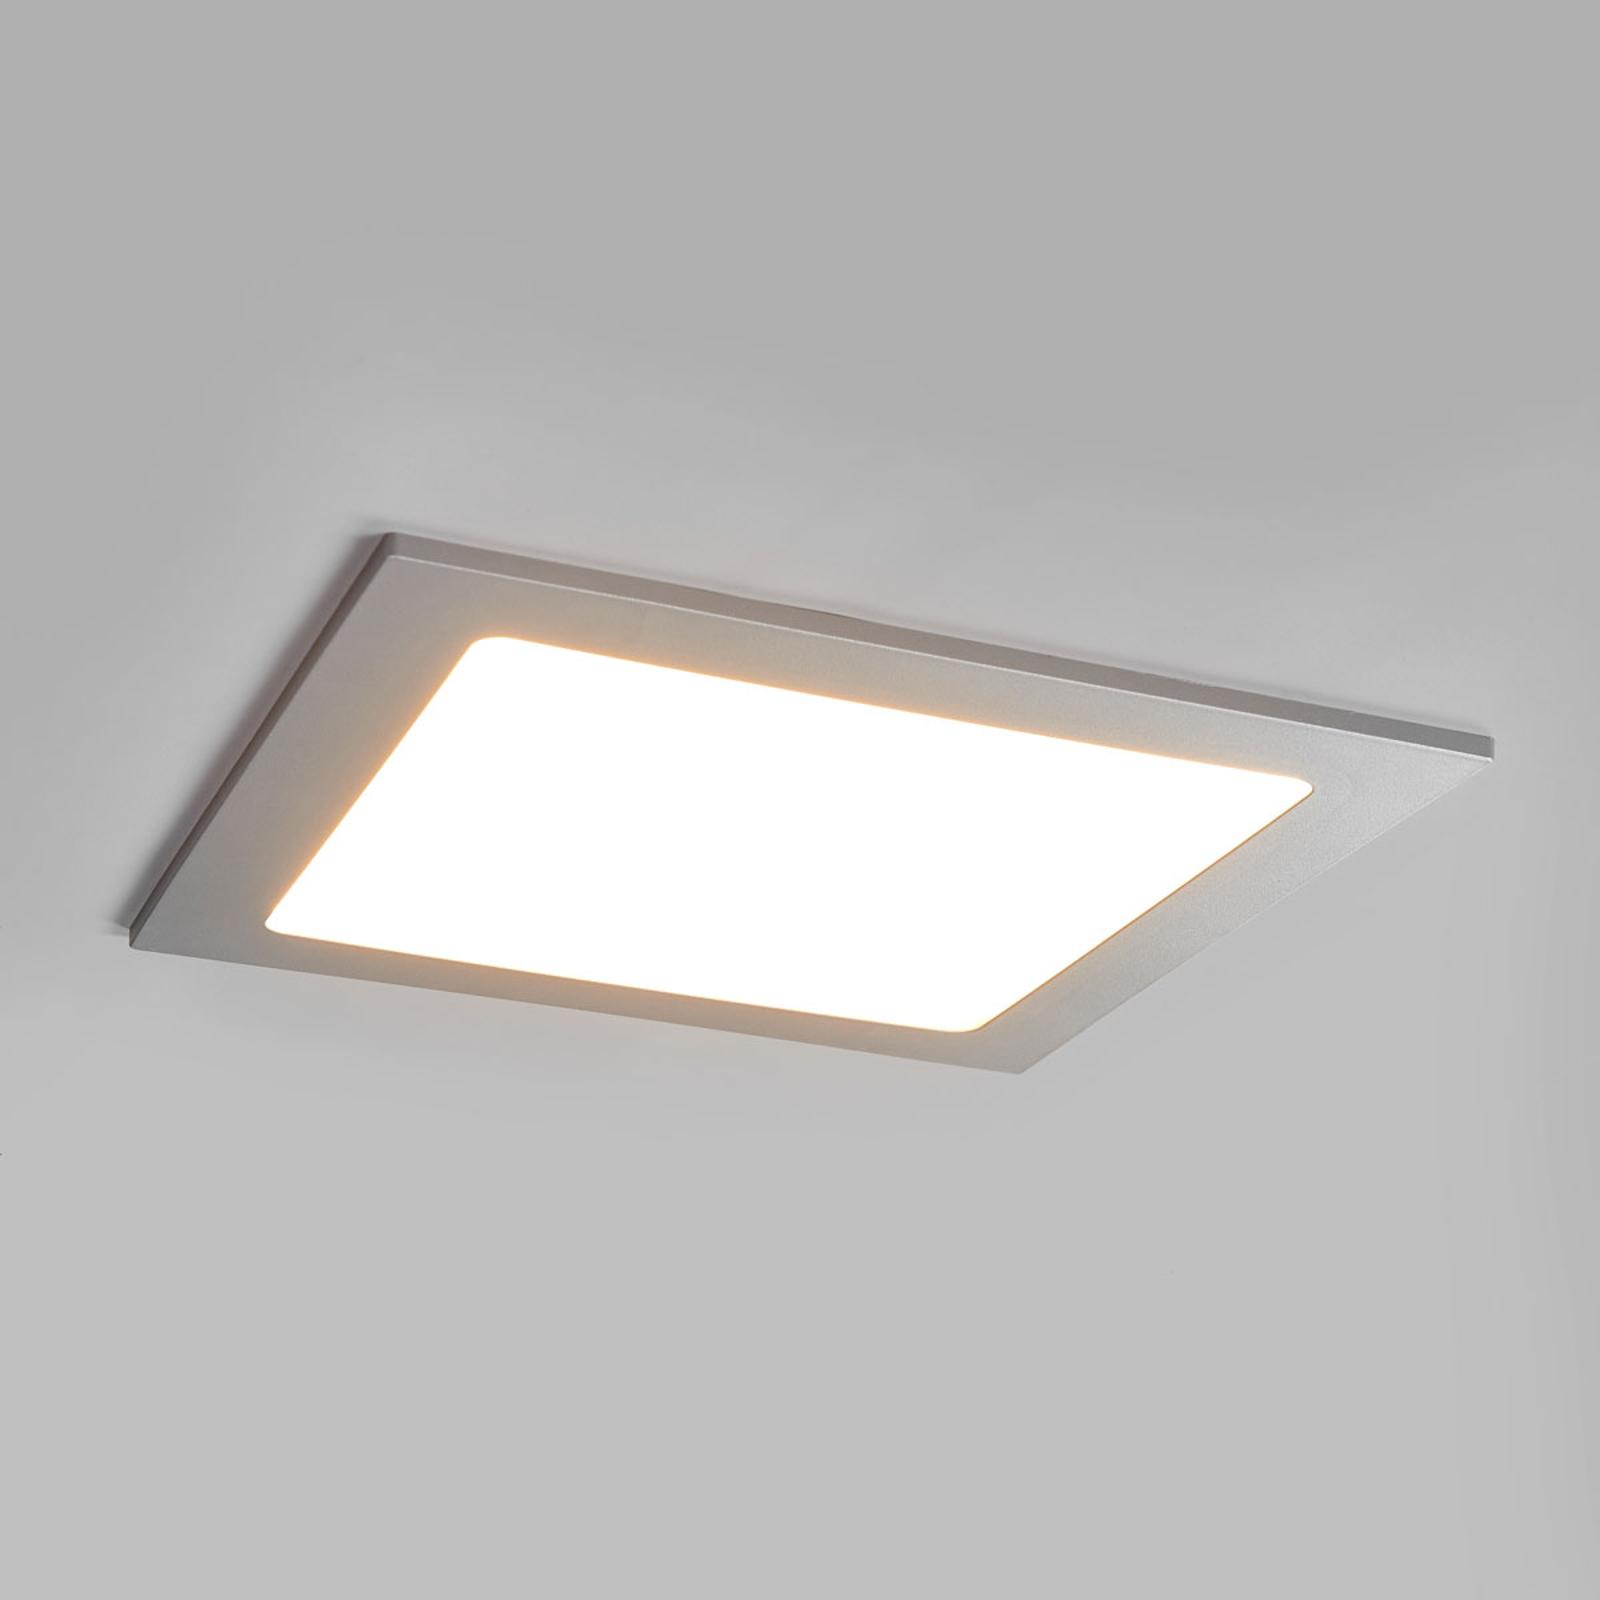 LED-Einbaustrahler Joki silber 3000K eckig 22cm